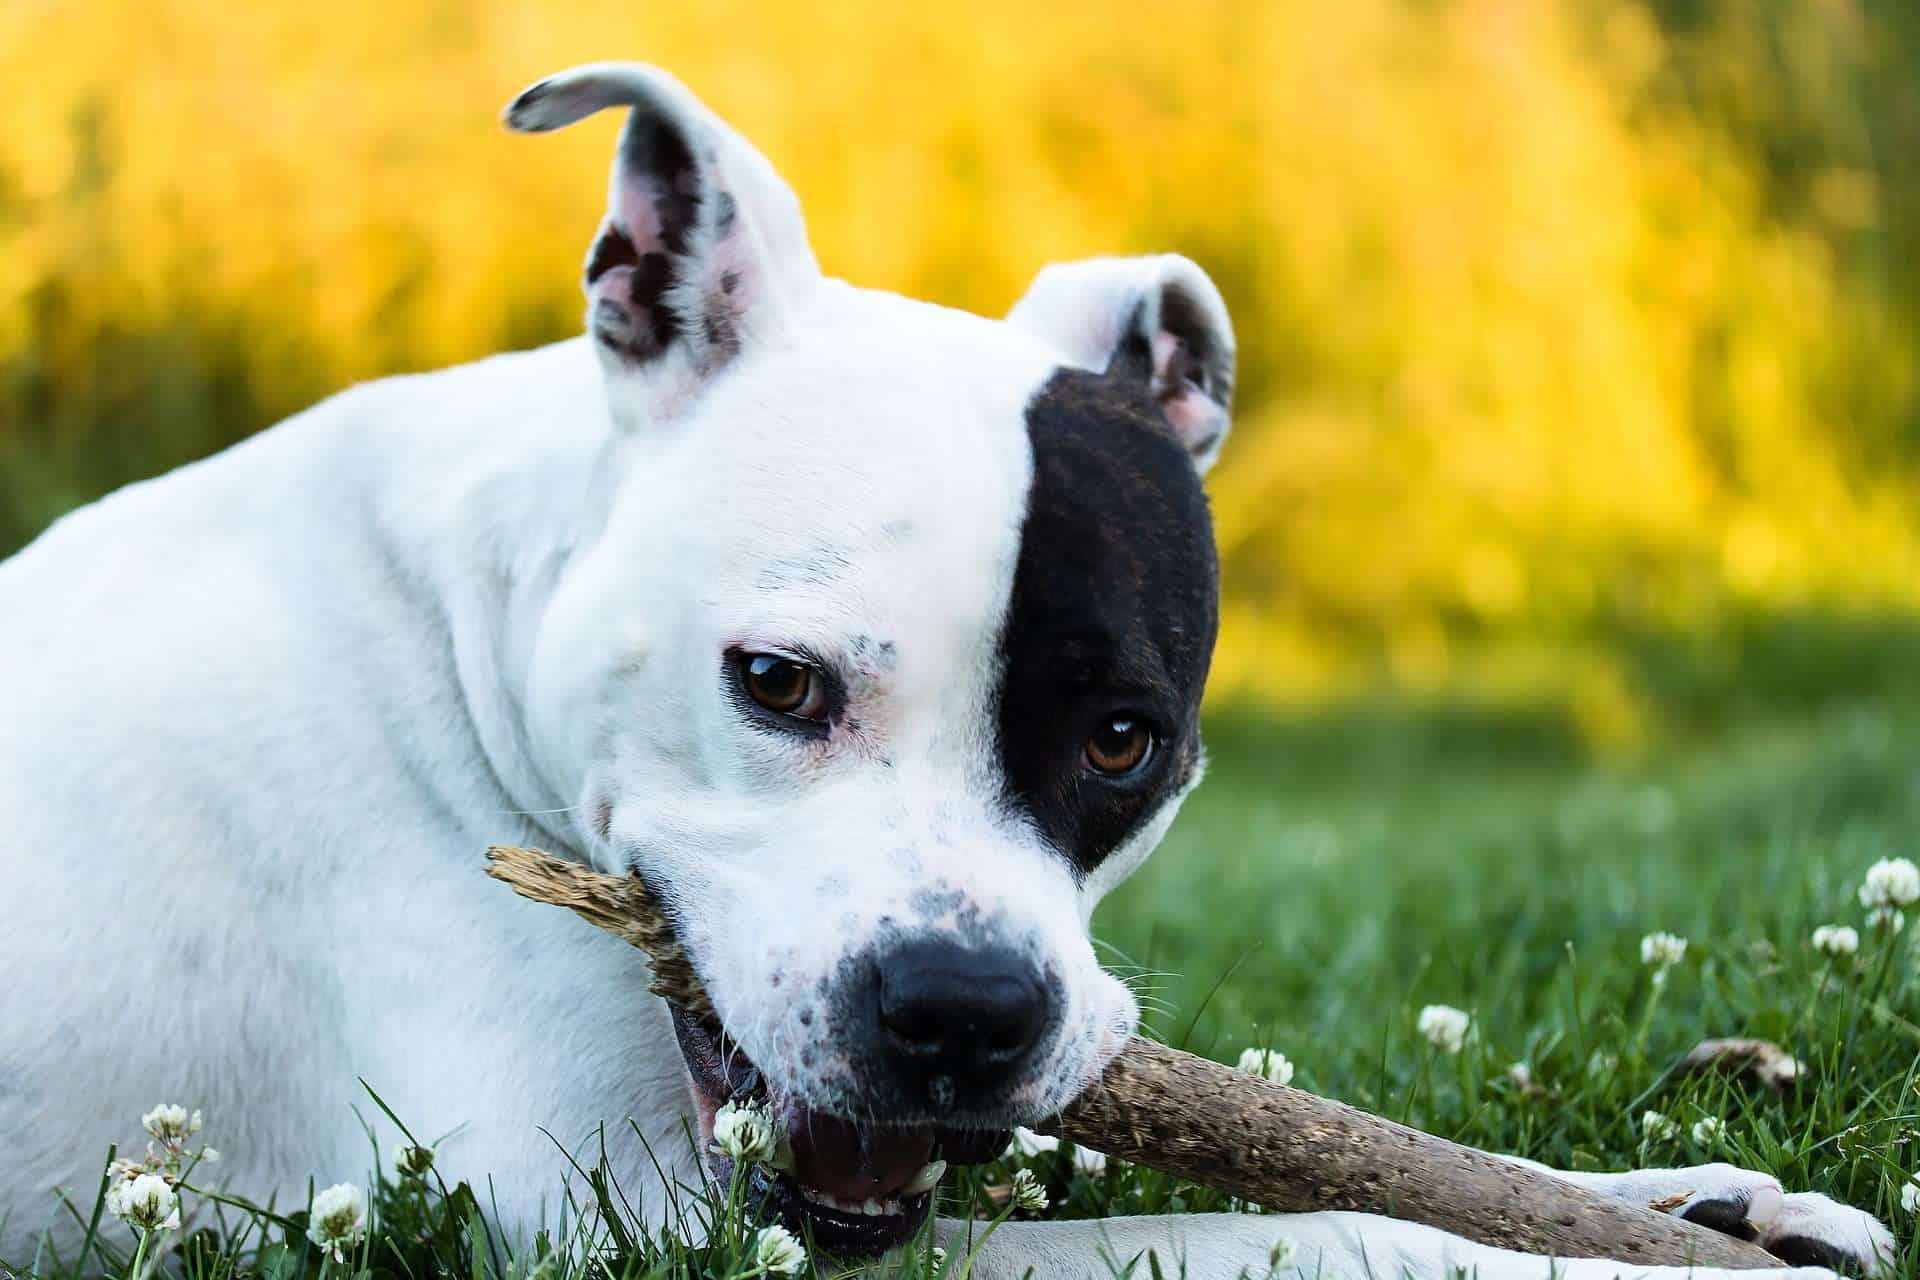 Hunde mit hoher Lebenserwartung, American Staffordshire Terrier. /pixabay